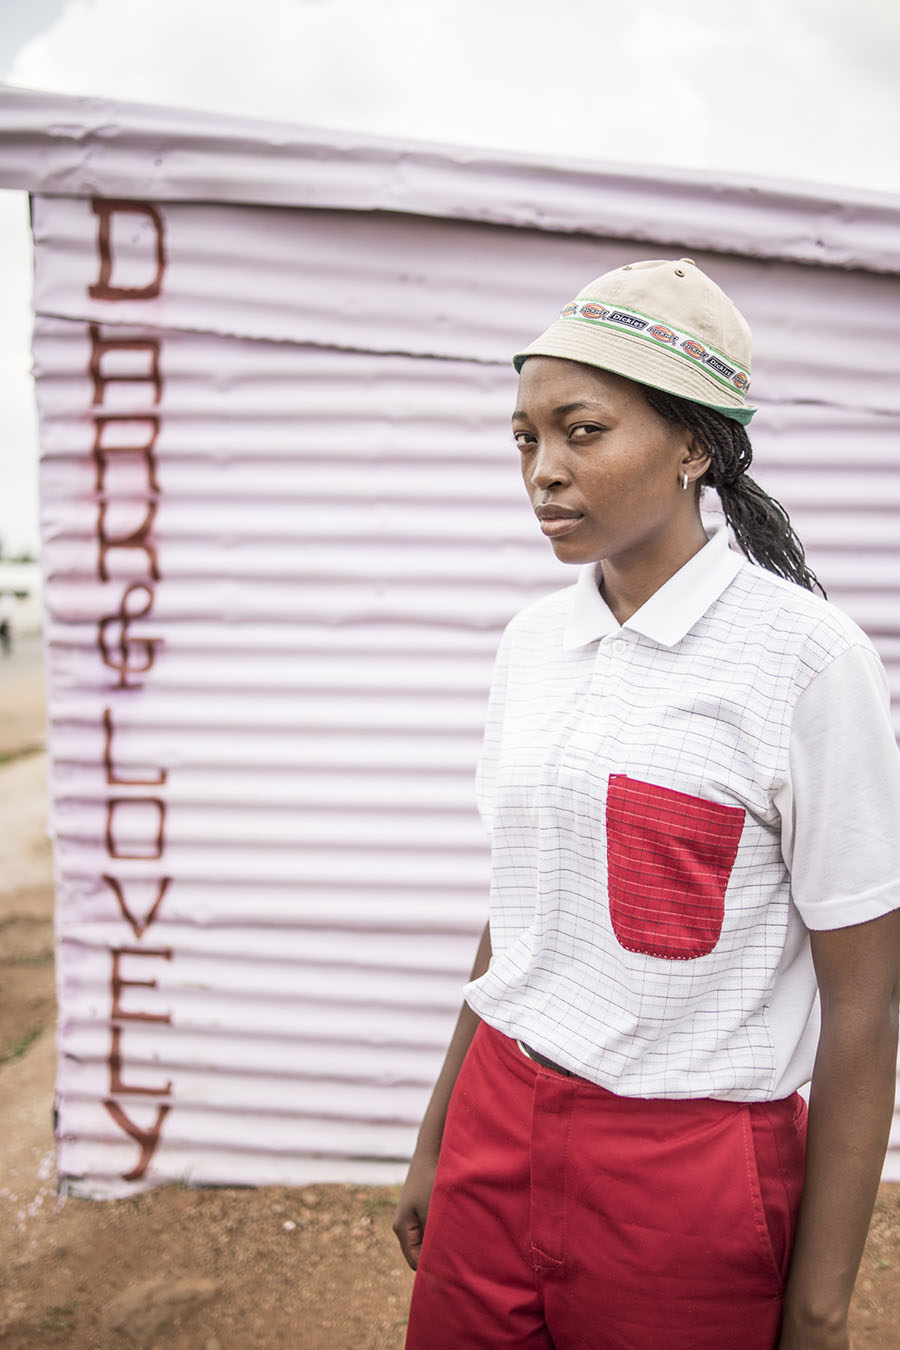 griot-mag-Pantsula e Dance 4 LYF - Ne abbiamo parlato con Chris Saunders - Lee - Intelectuals - Soweto - Female Uniforms